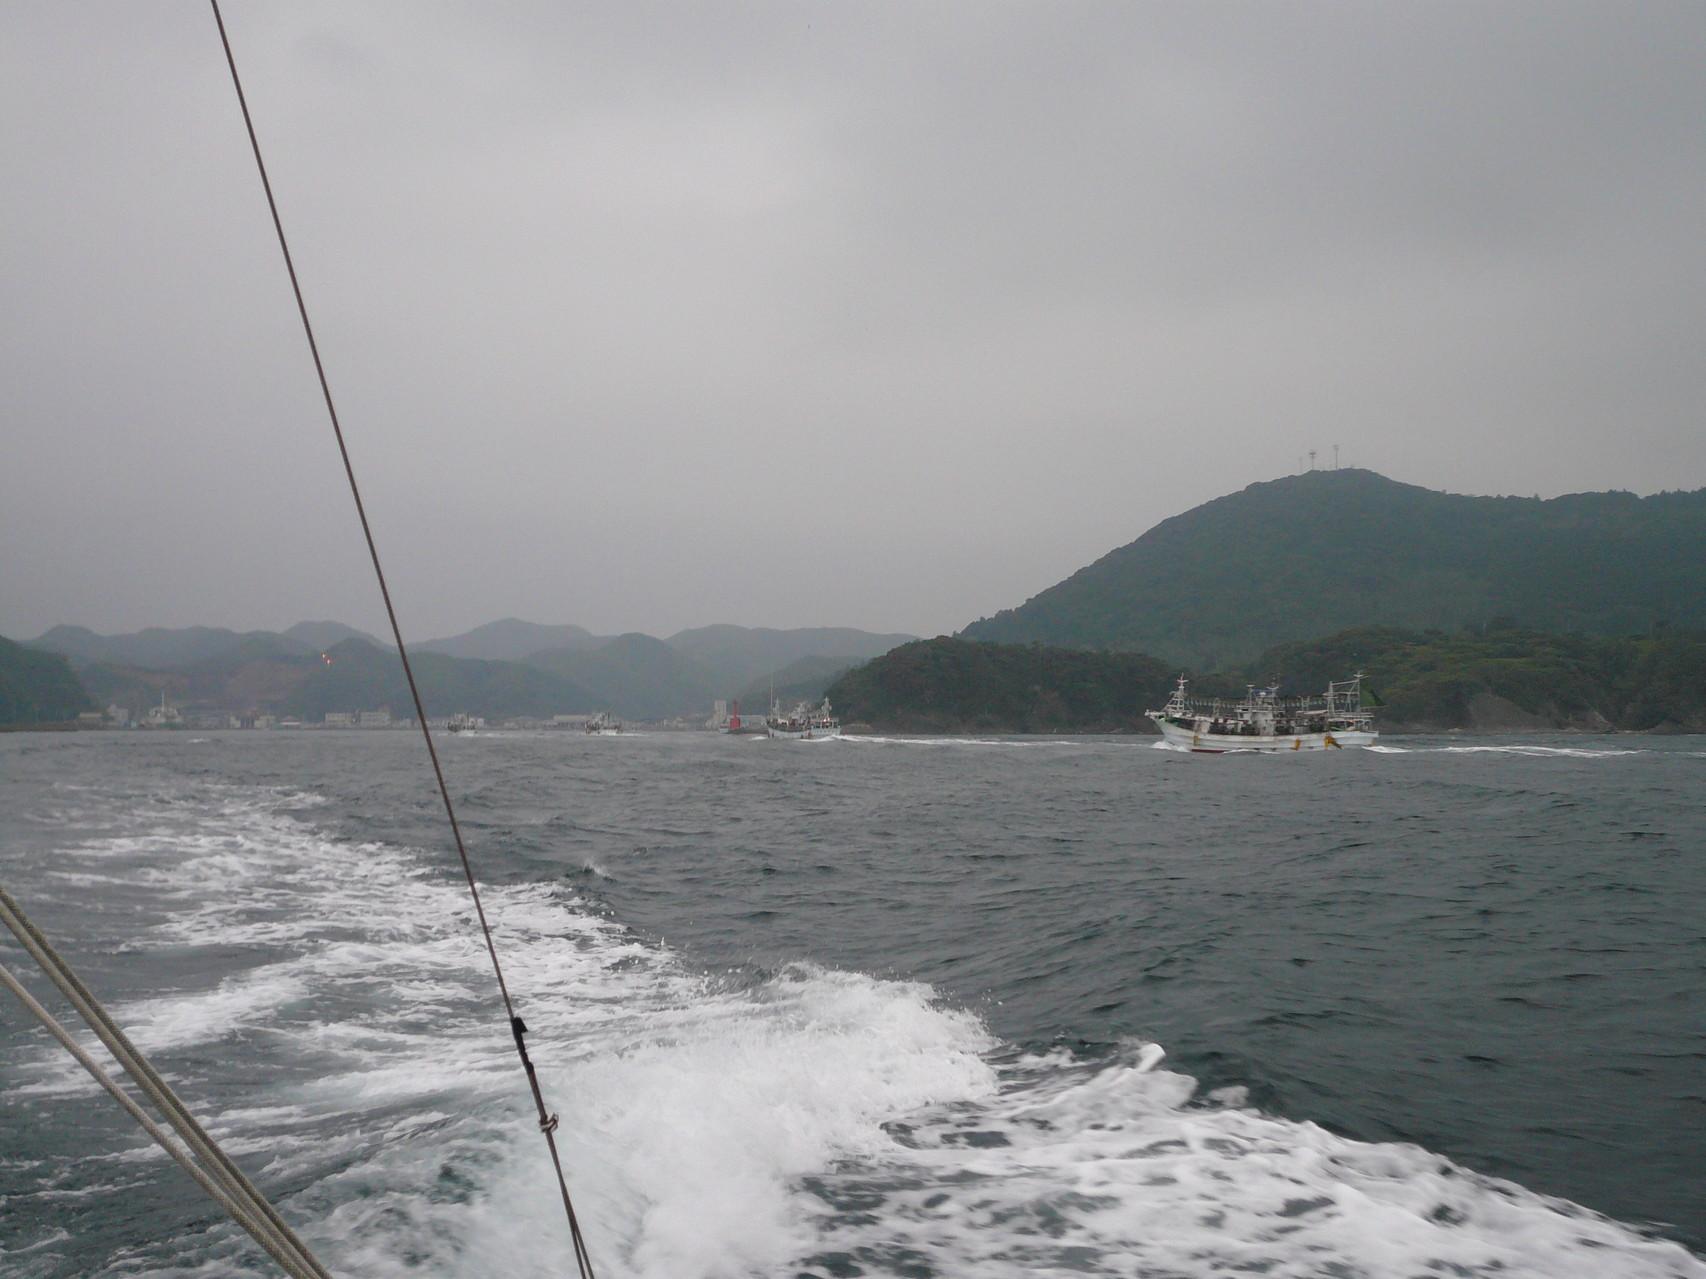 6月7日 イカ釣り船帰港中 比田勝港へ入港 漁協に水揚げ順番待ちです。